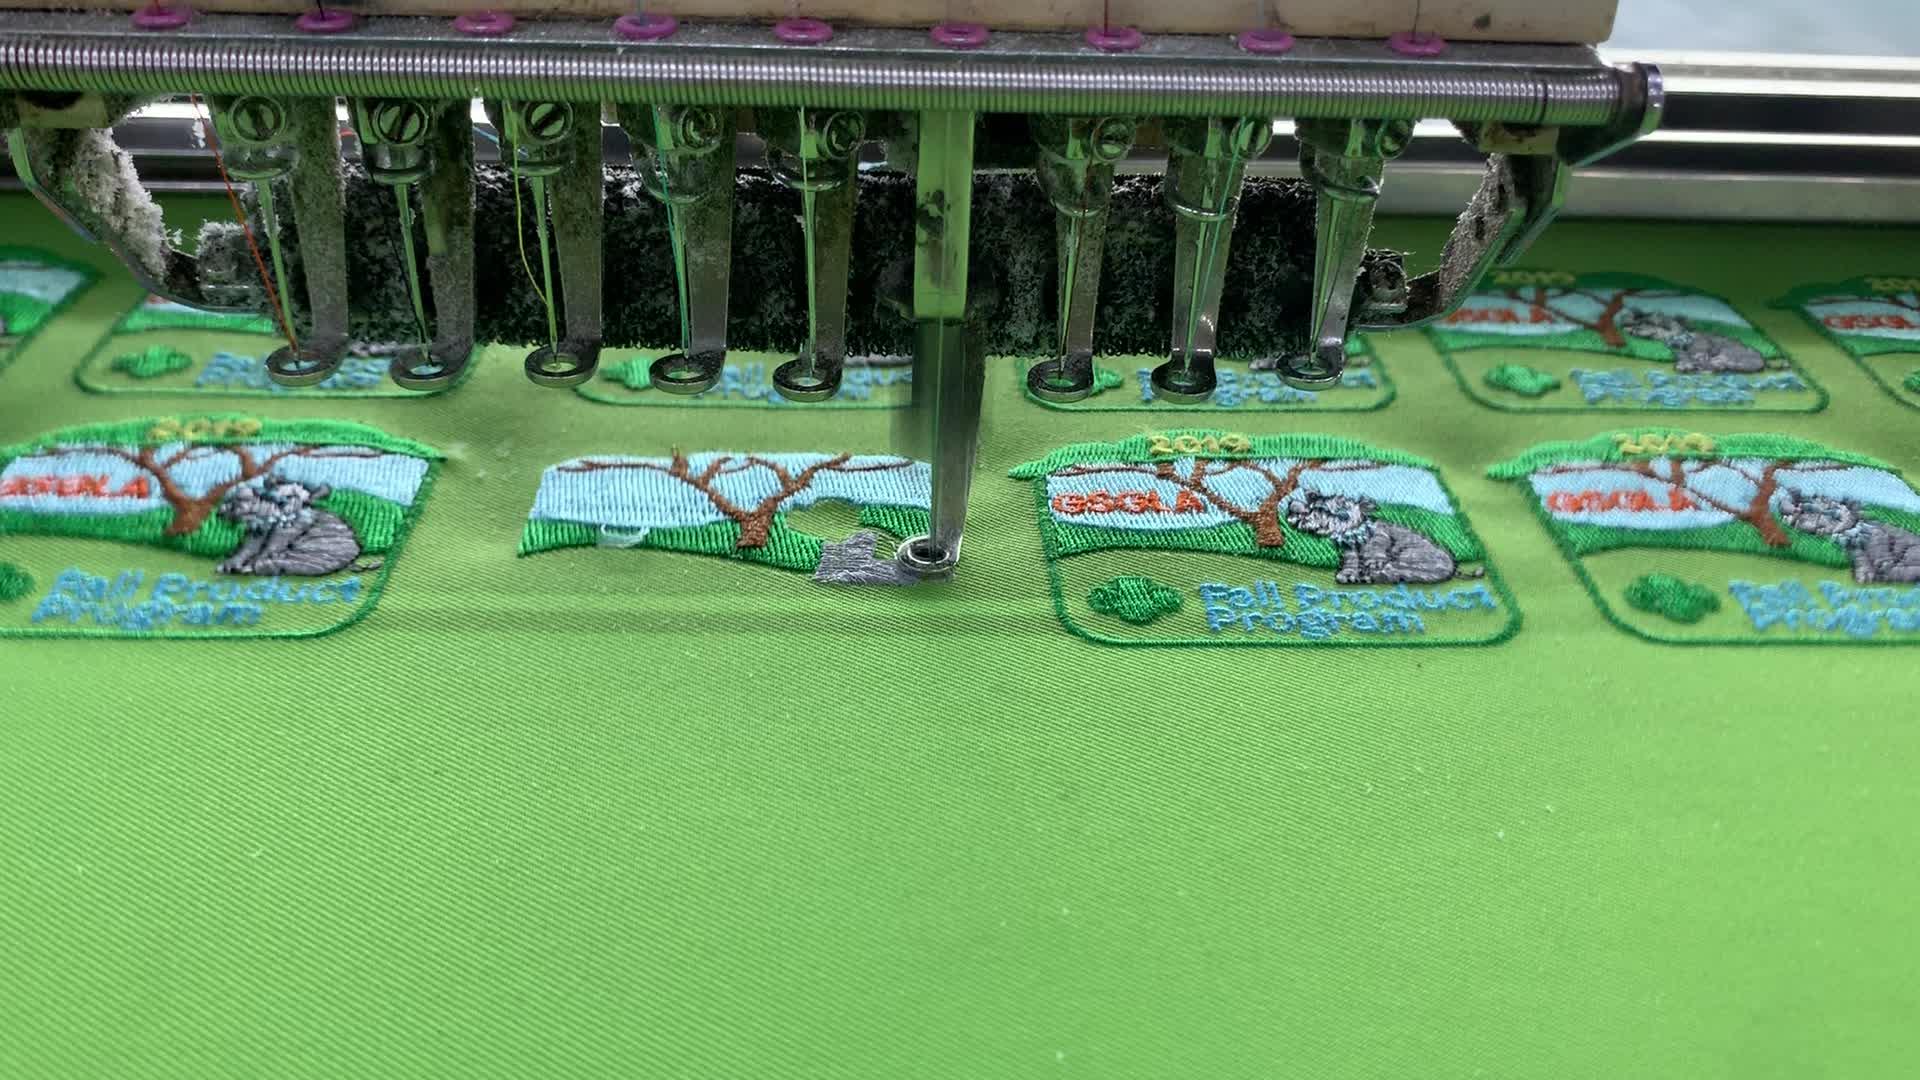 Kustom Pribadi Besi Di Bordir Patch Patch untuk Pakaian, Kualitas Tinggi Kartun Perekat Bordir Patch